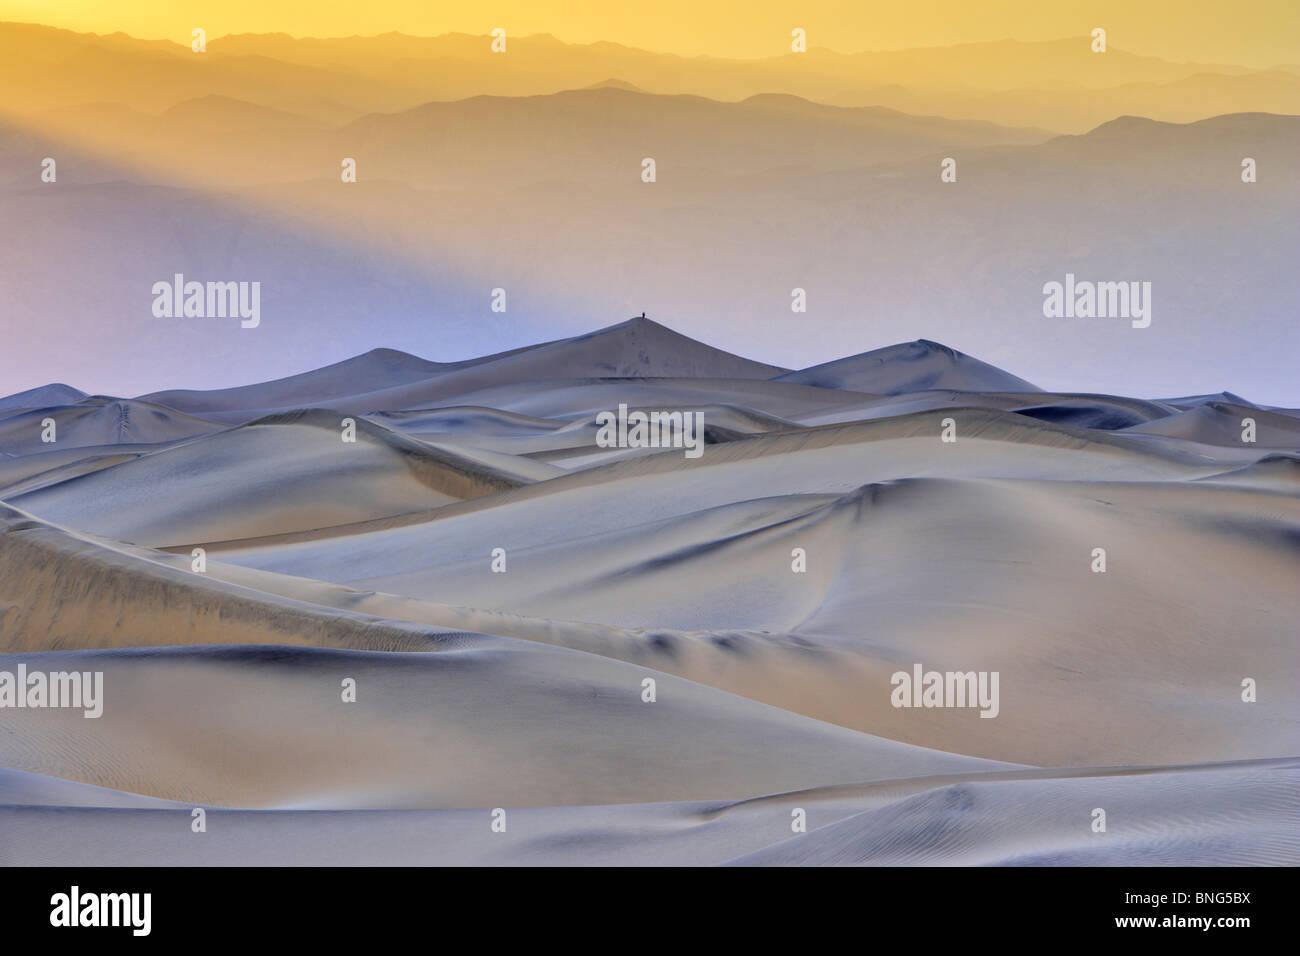 Le dune di sabbia in un deserto, Mesquite Flat dune, Valle della Morte, Panamint Range, CALIFORNIA, STATI UNITI Foto Stock